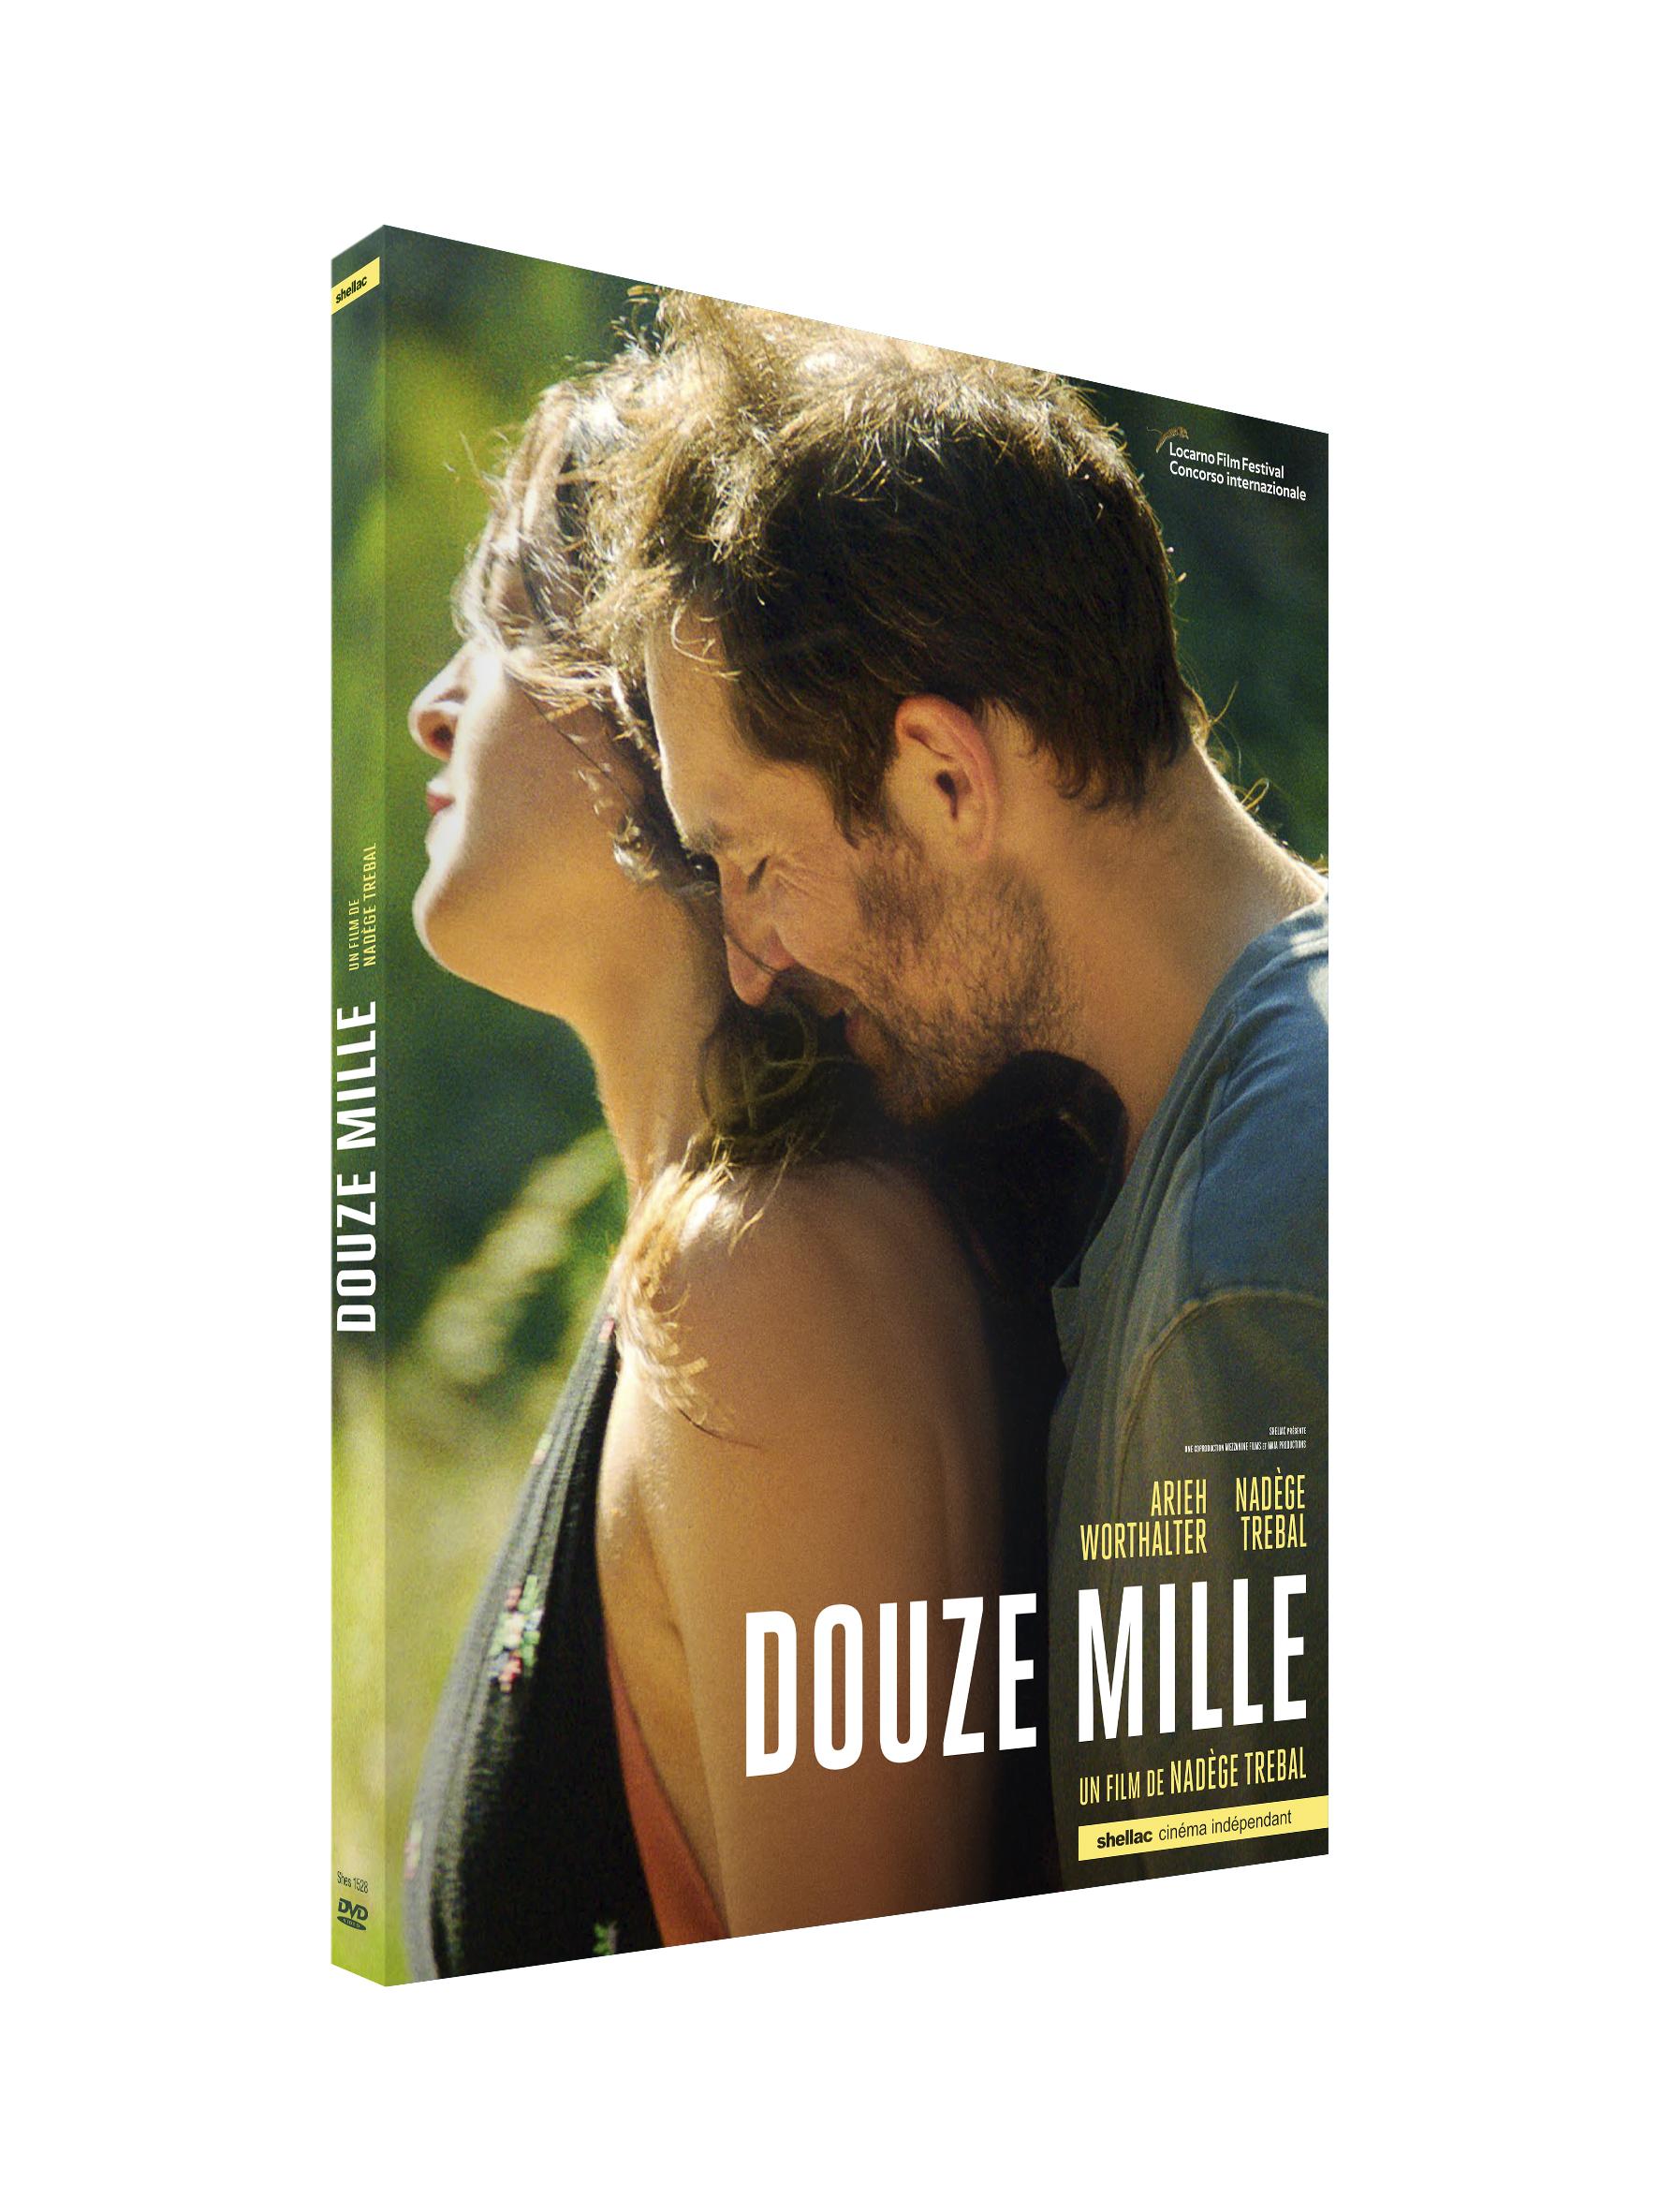 DOUZE MILLE